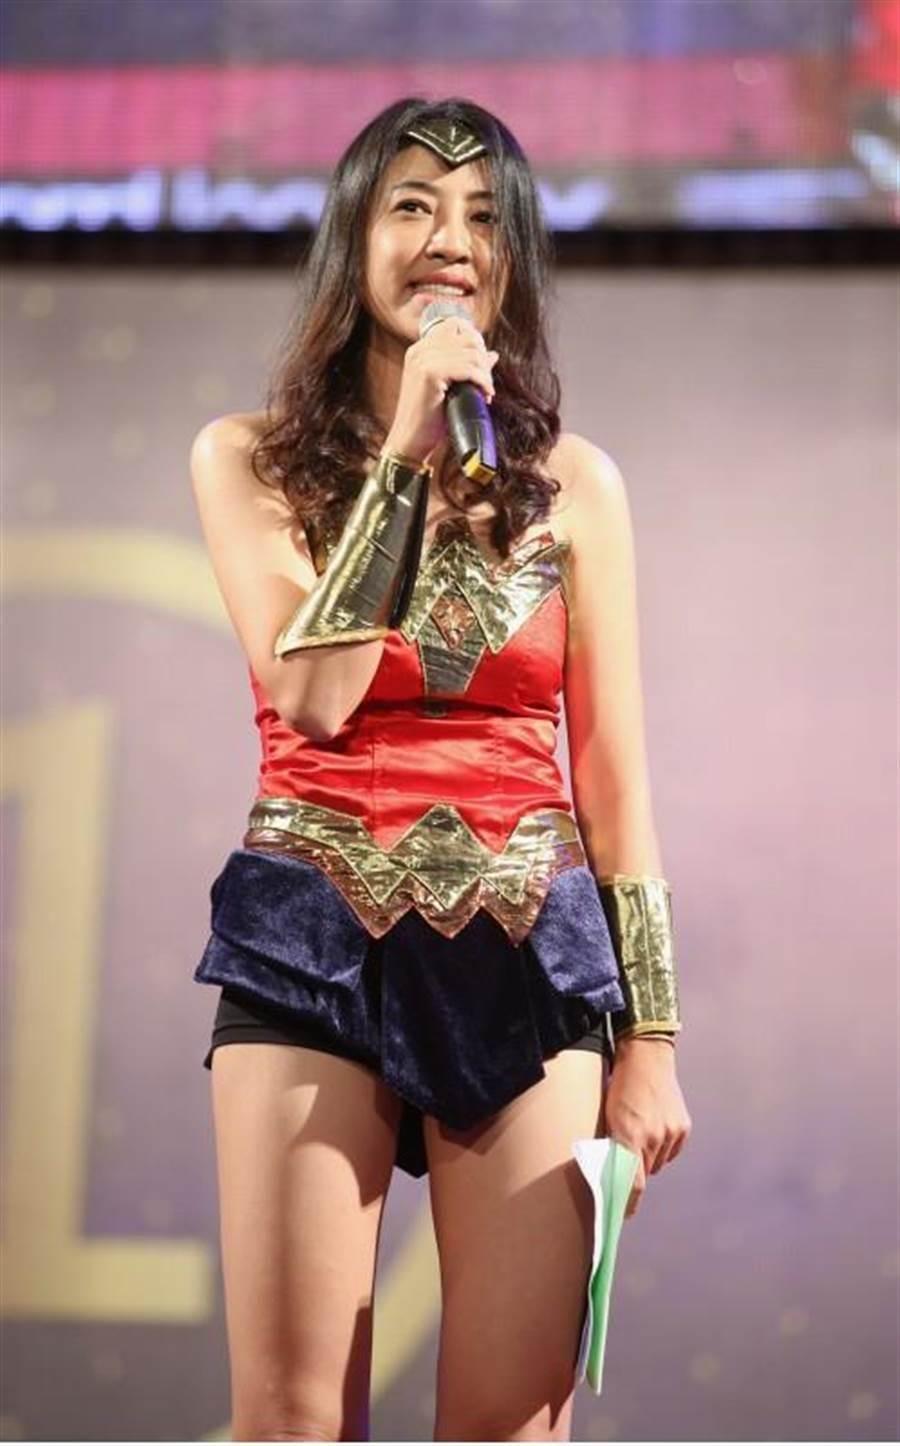 國民黨立委許淑華為韓國瑜造勢穿上「神力女超人」裝,逆天長腿迷人。(本報系資料照)